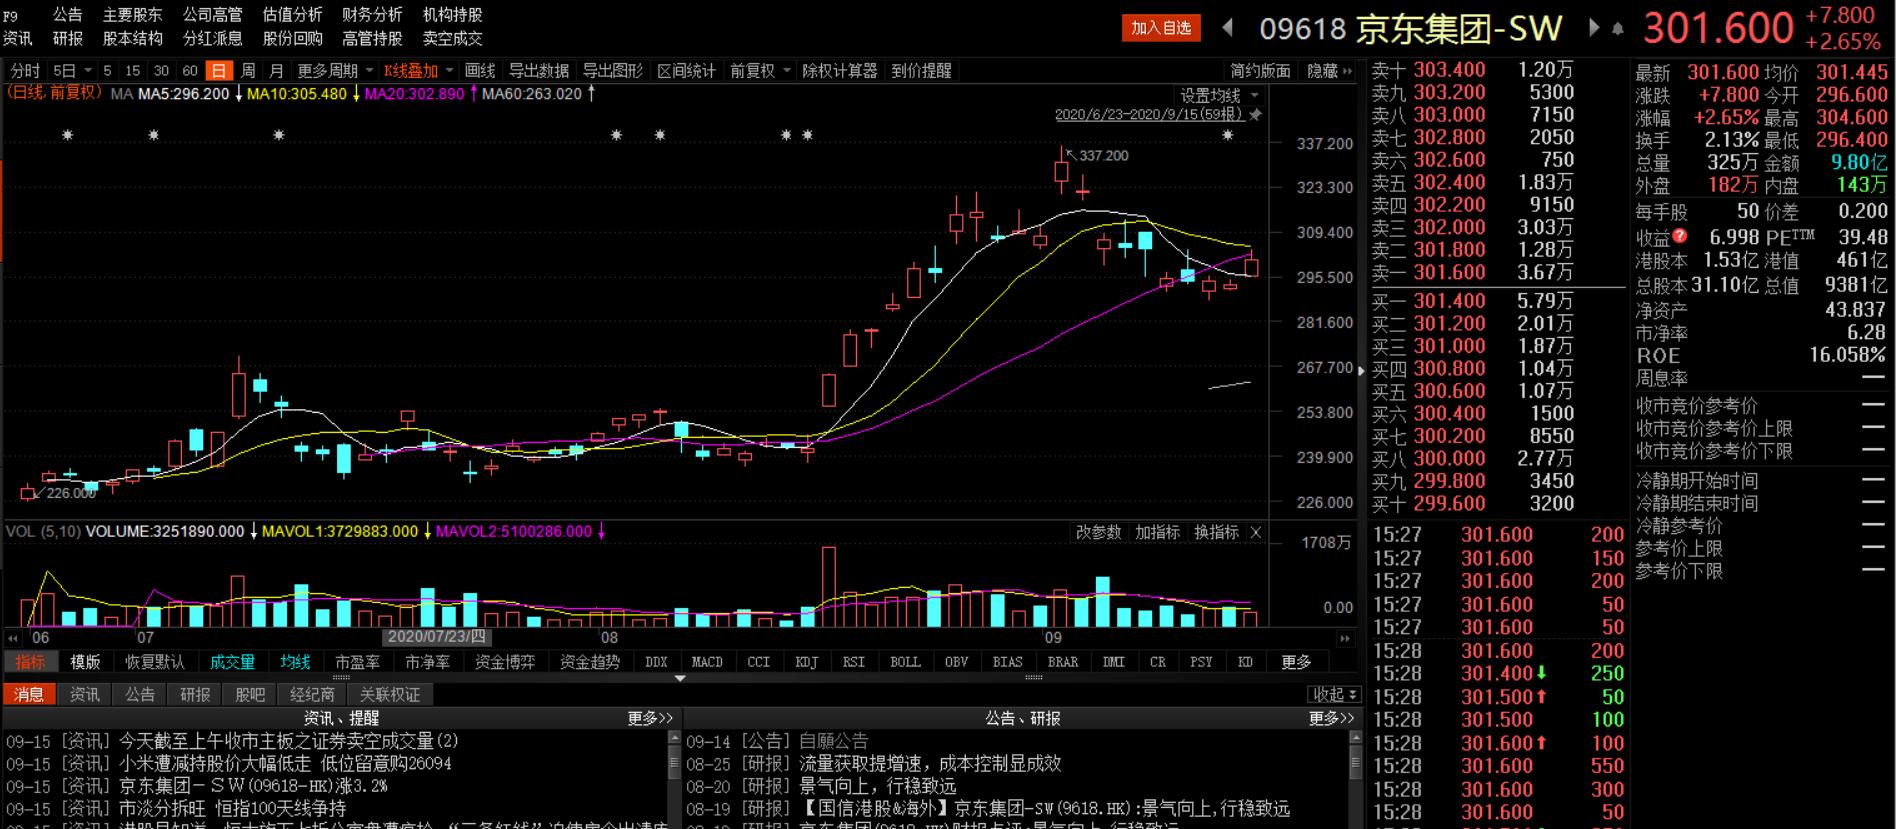 京东集团附属公司京东数科拟于科创板上市,融资200亿人民币